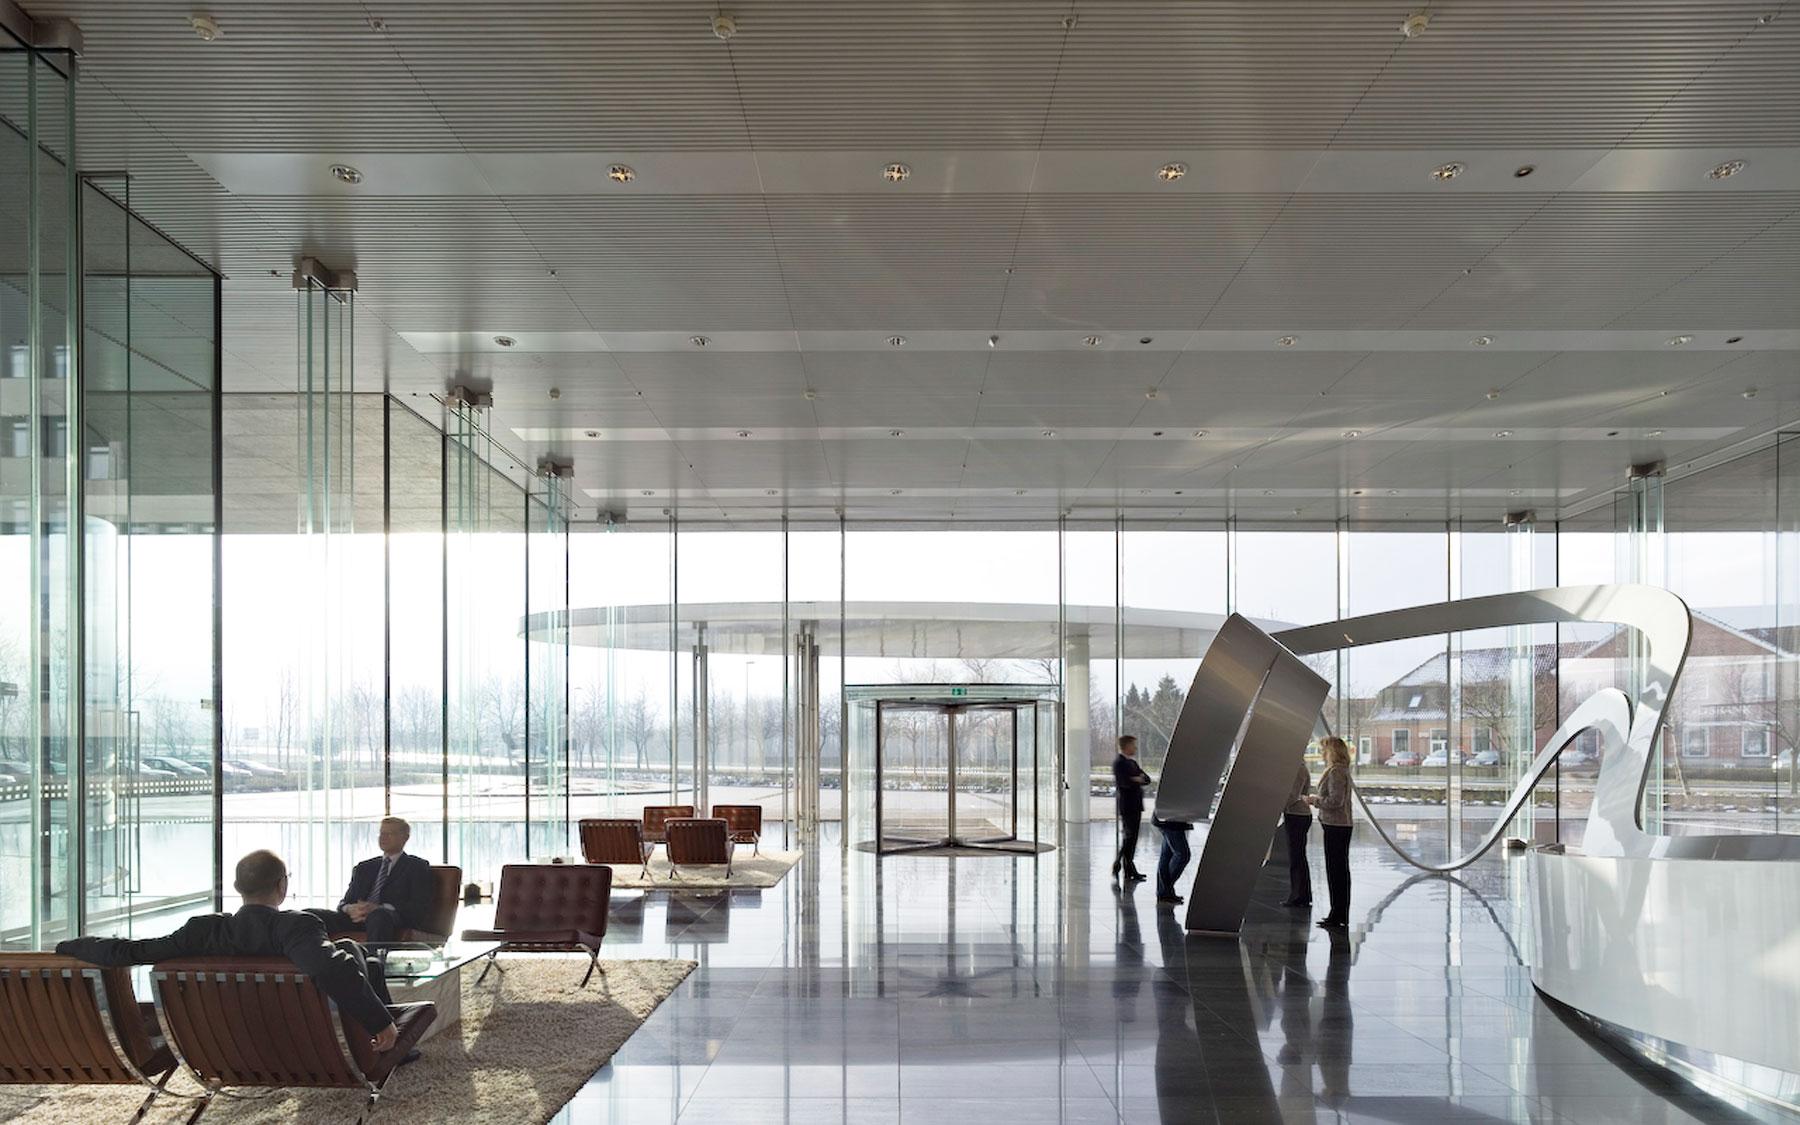 Danfoss, Interval panel